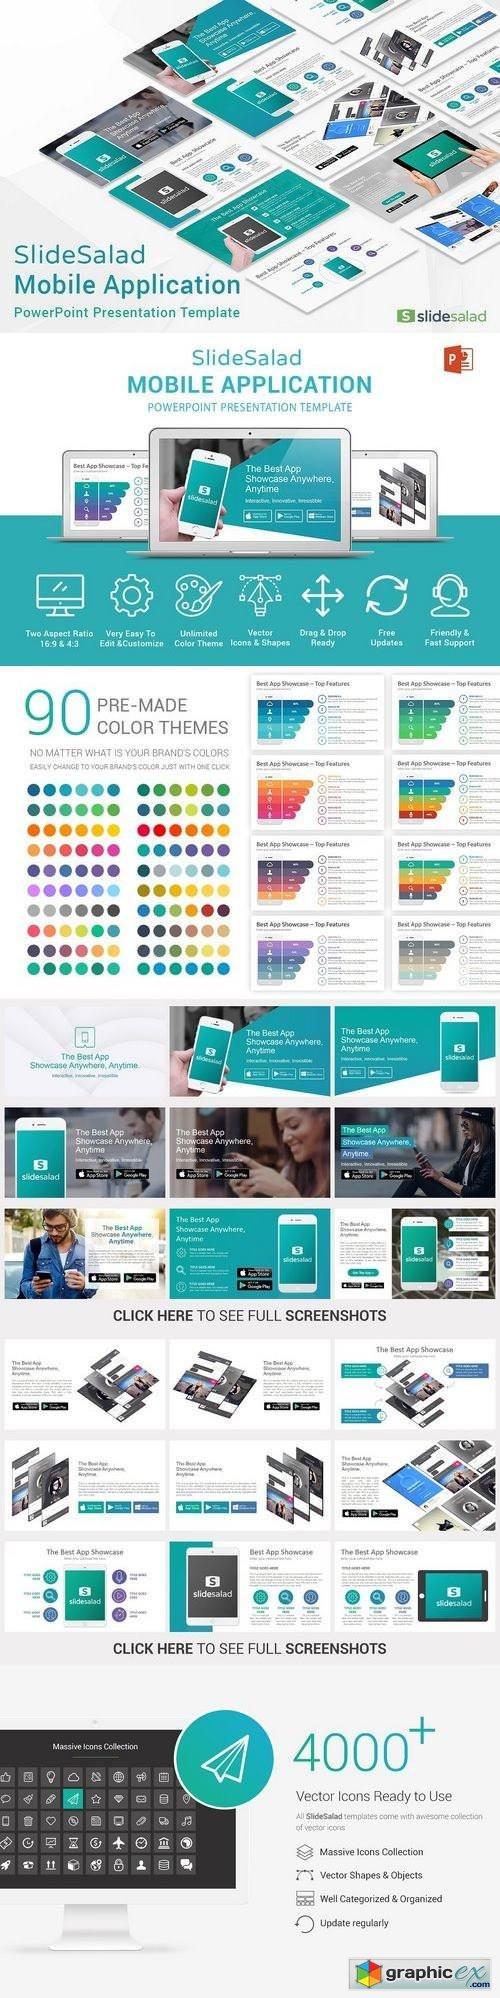 Mobile apps powerpoint template free download vector stock image mobile apps powerpoint template toneelgroepblik Gallery